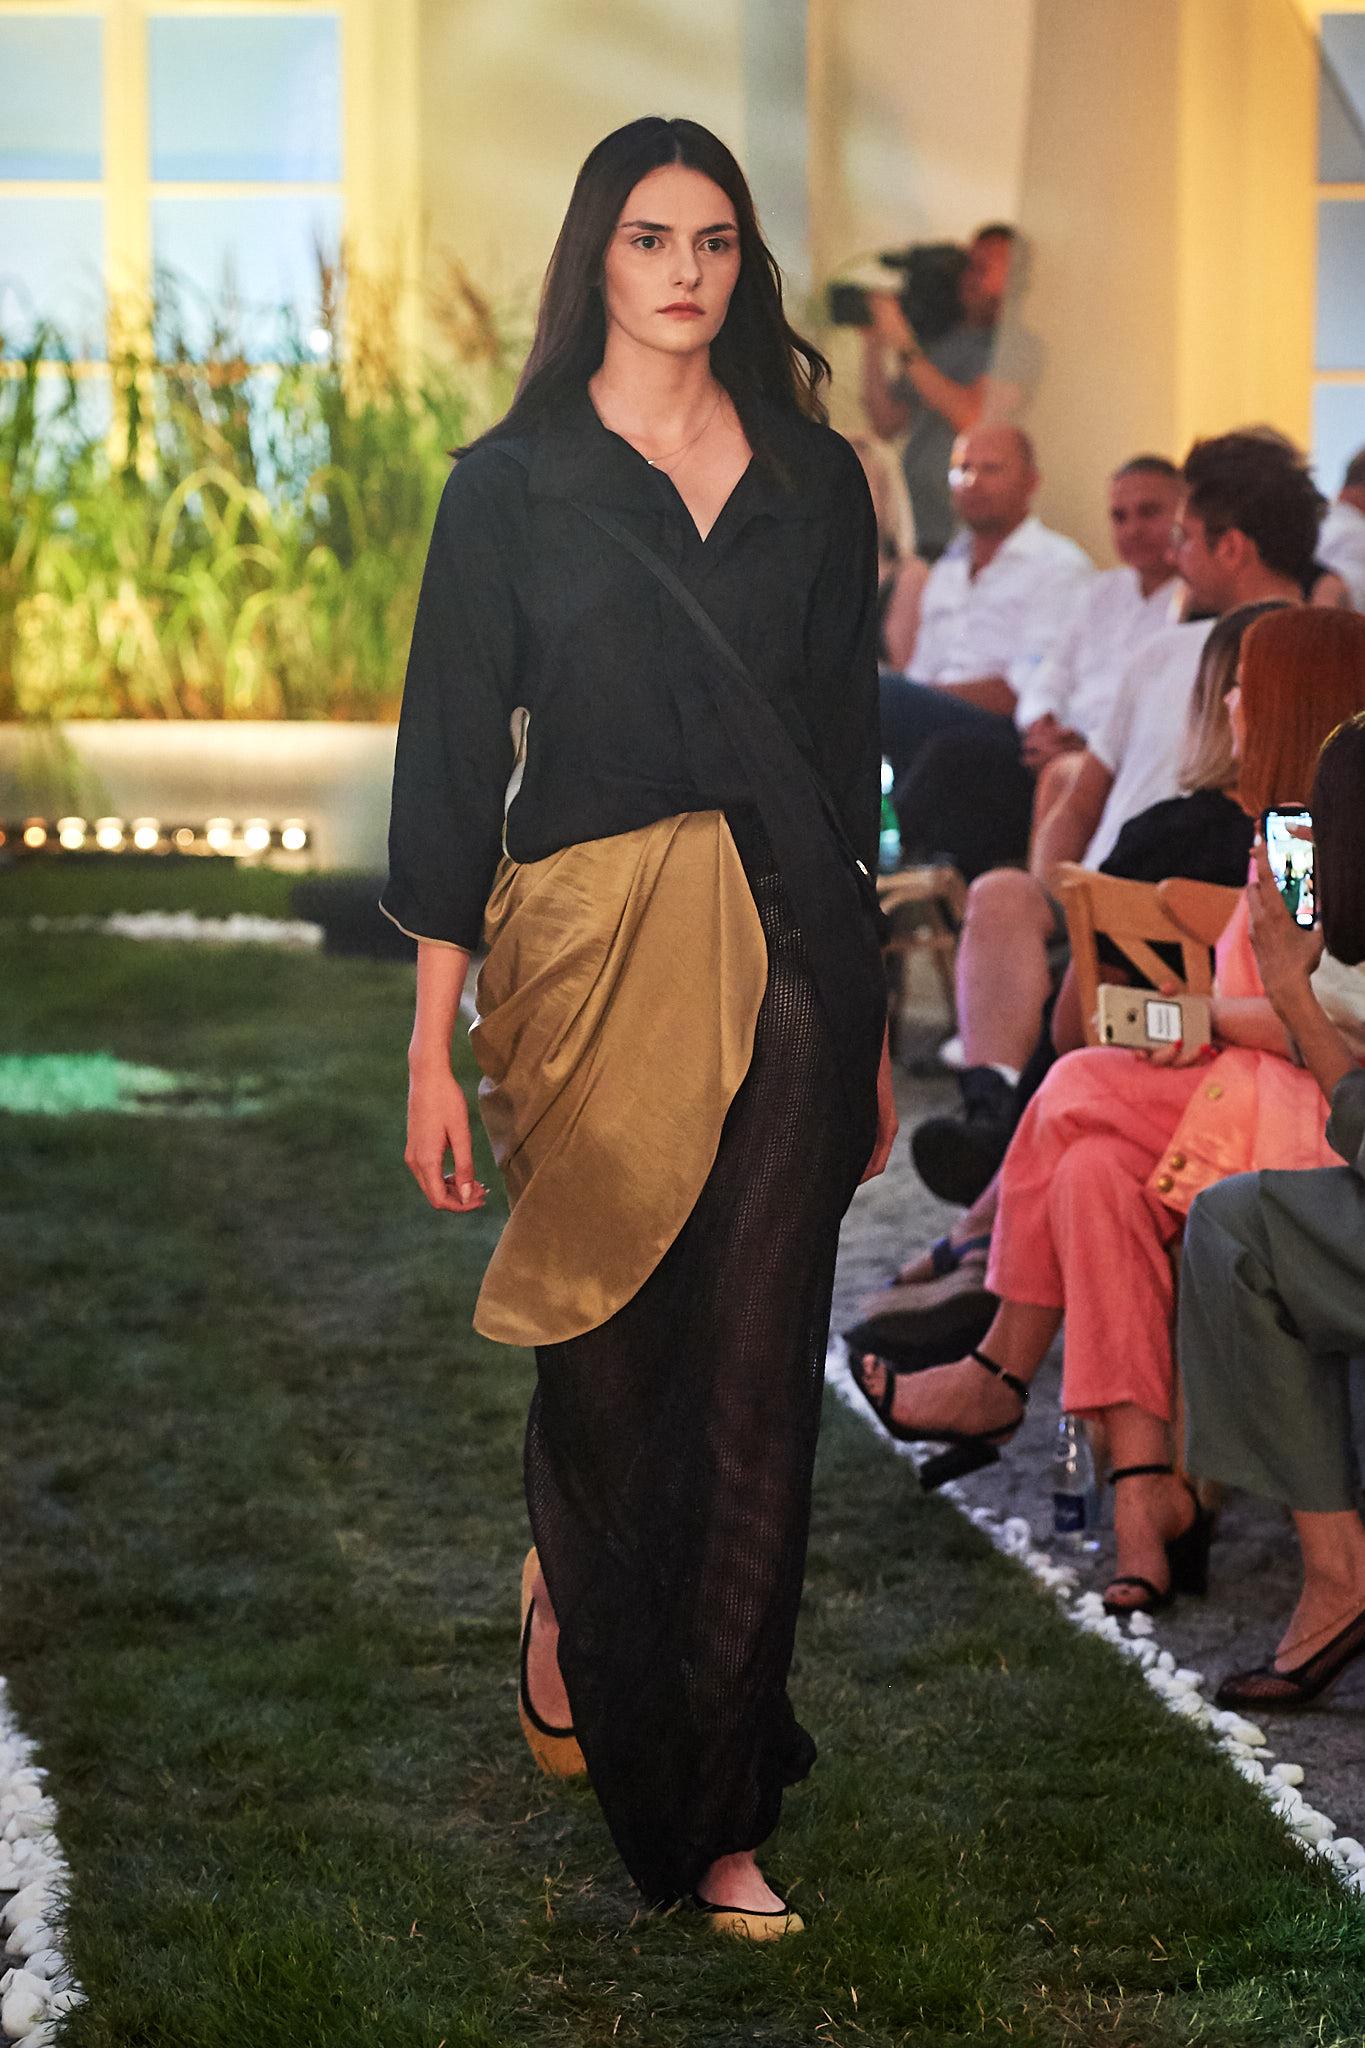 35_MMC-010719-lowres-fotFilipOkopny-FashionImages